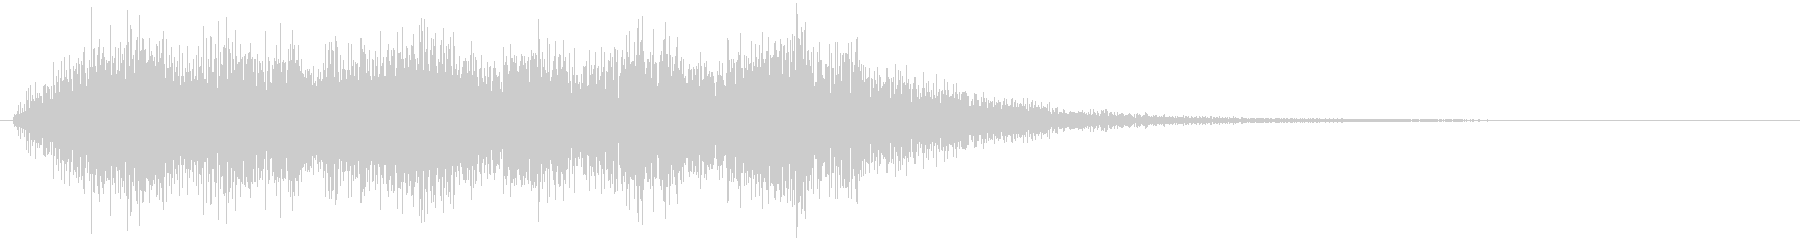 ステージクリア的な短いファンファーレで…の未再生の波形